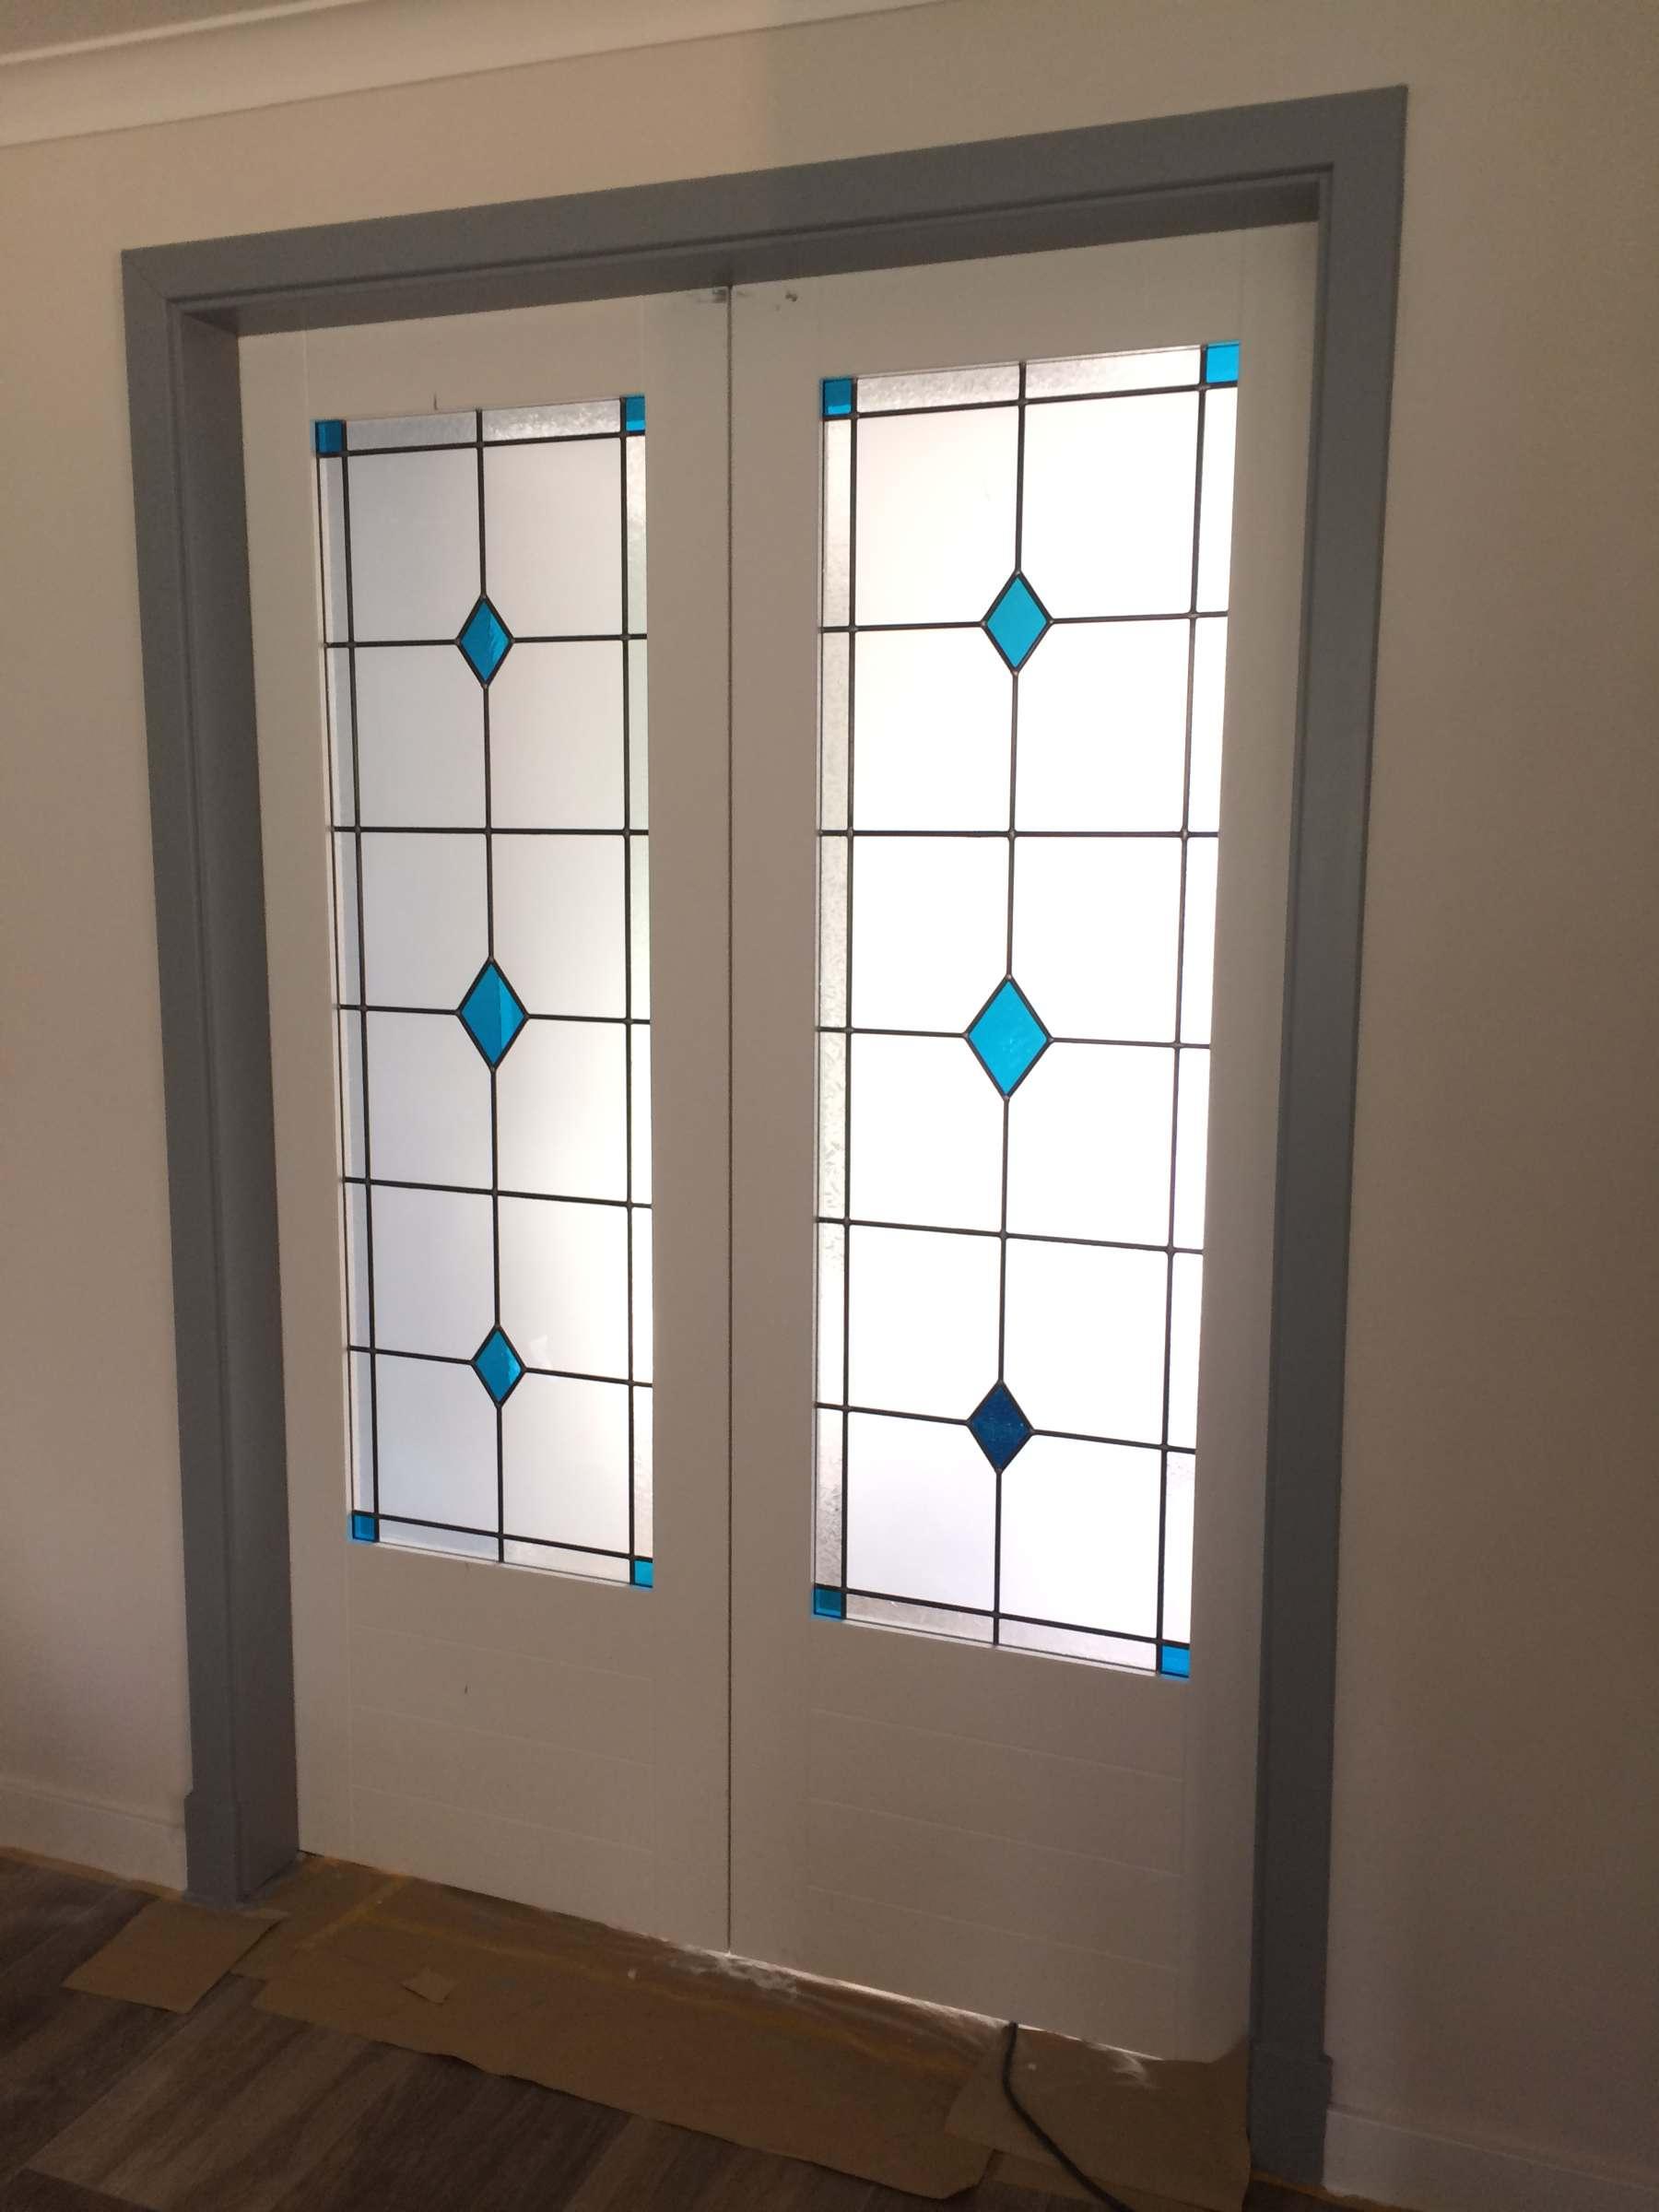 Moderne Glas In Lood Deuren.Glas In Lood De Kempen Glas In Lood Ruiten In Moderne